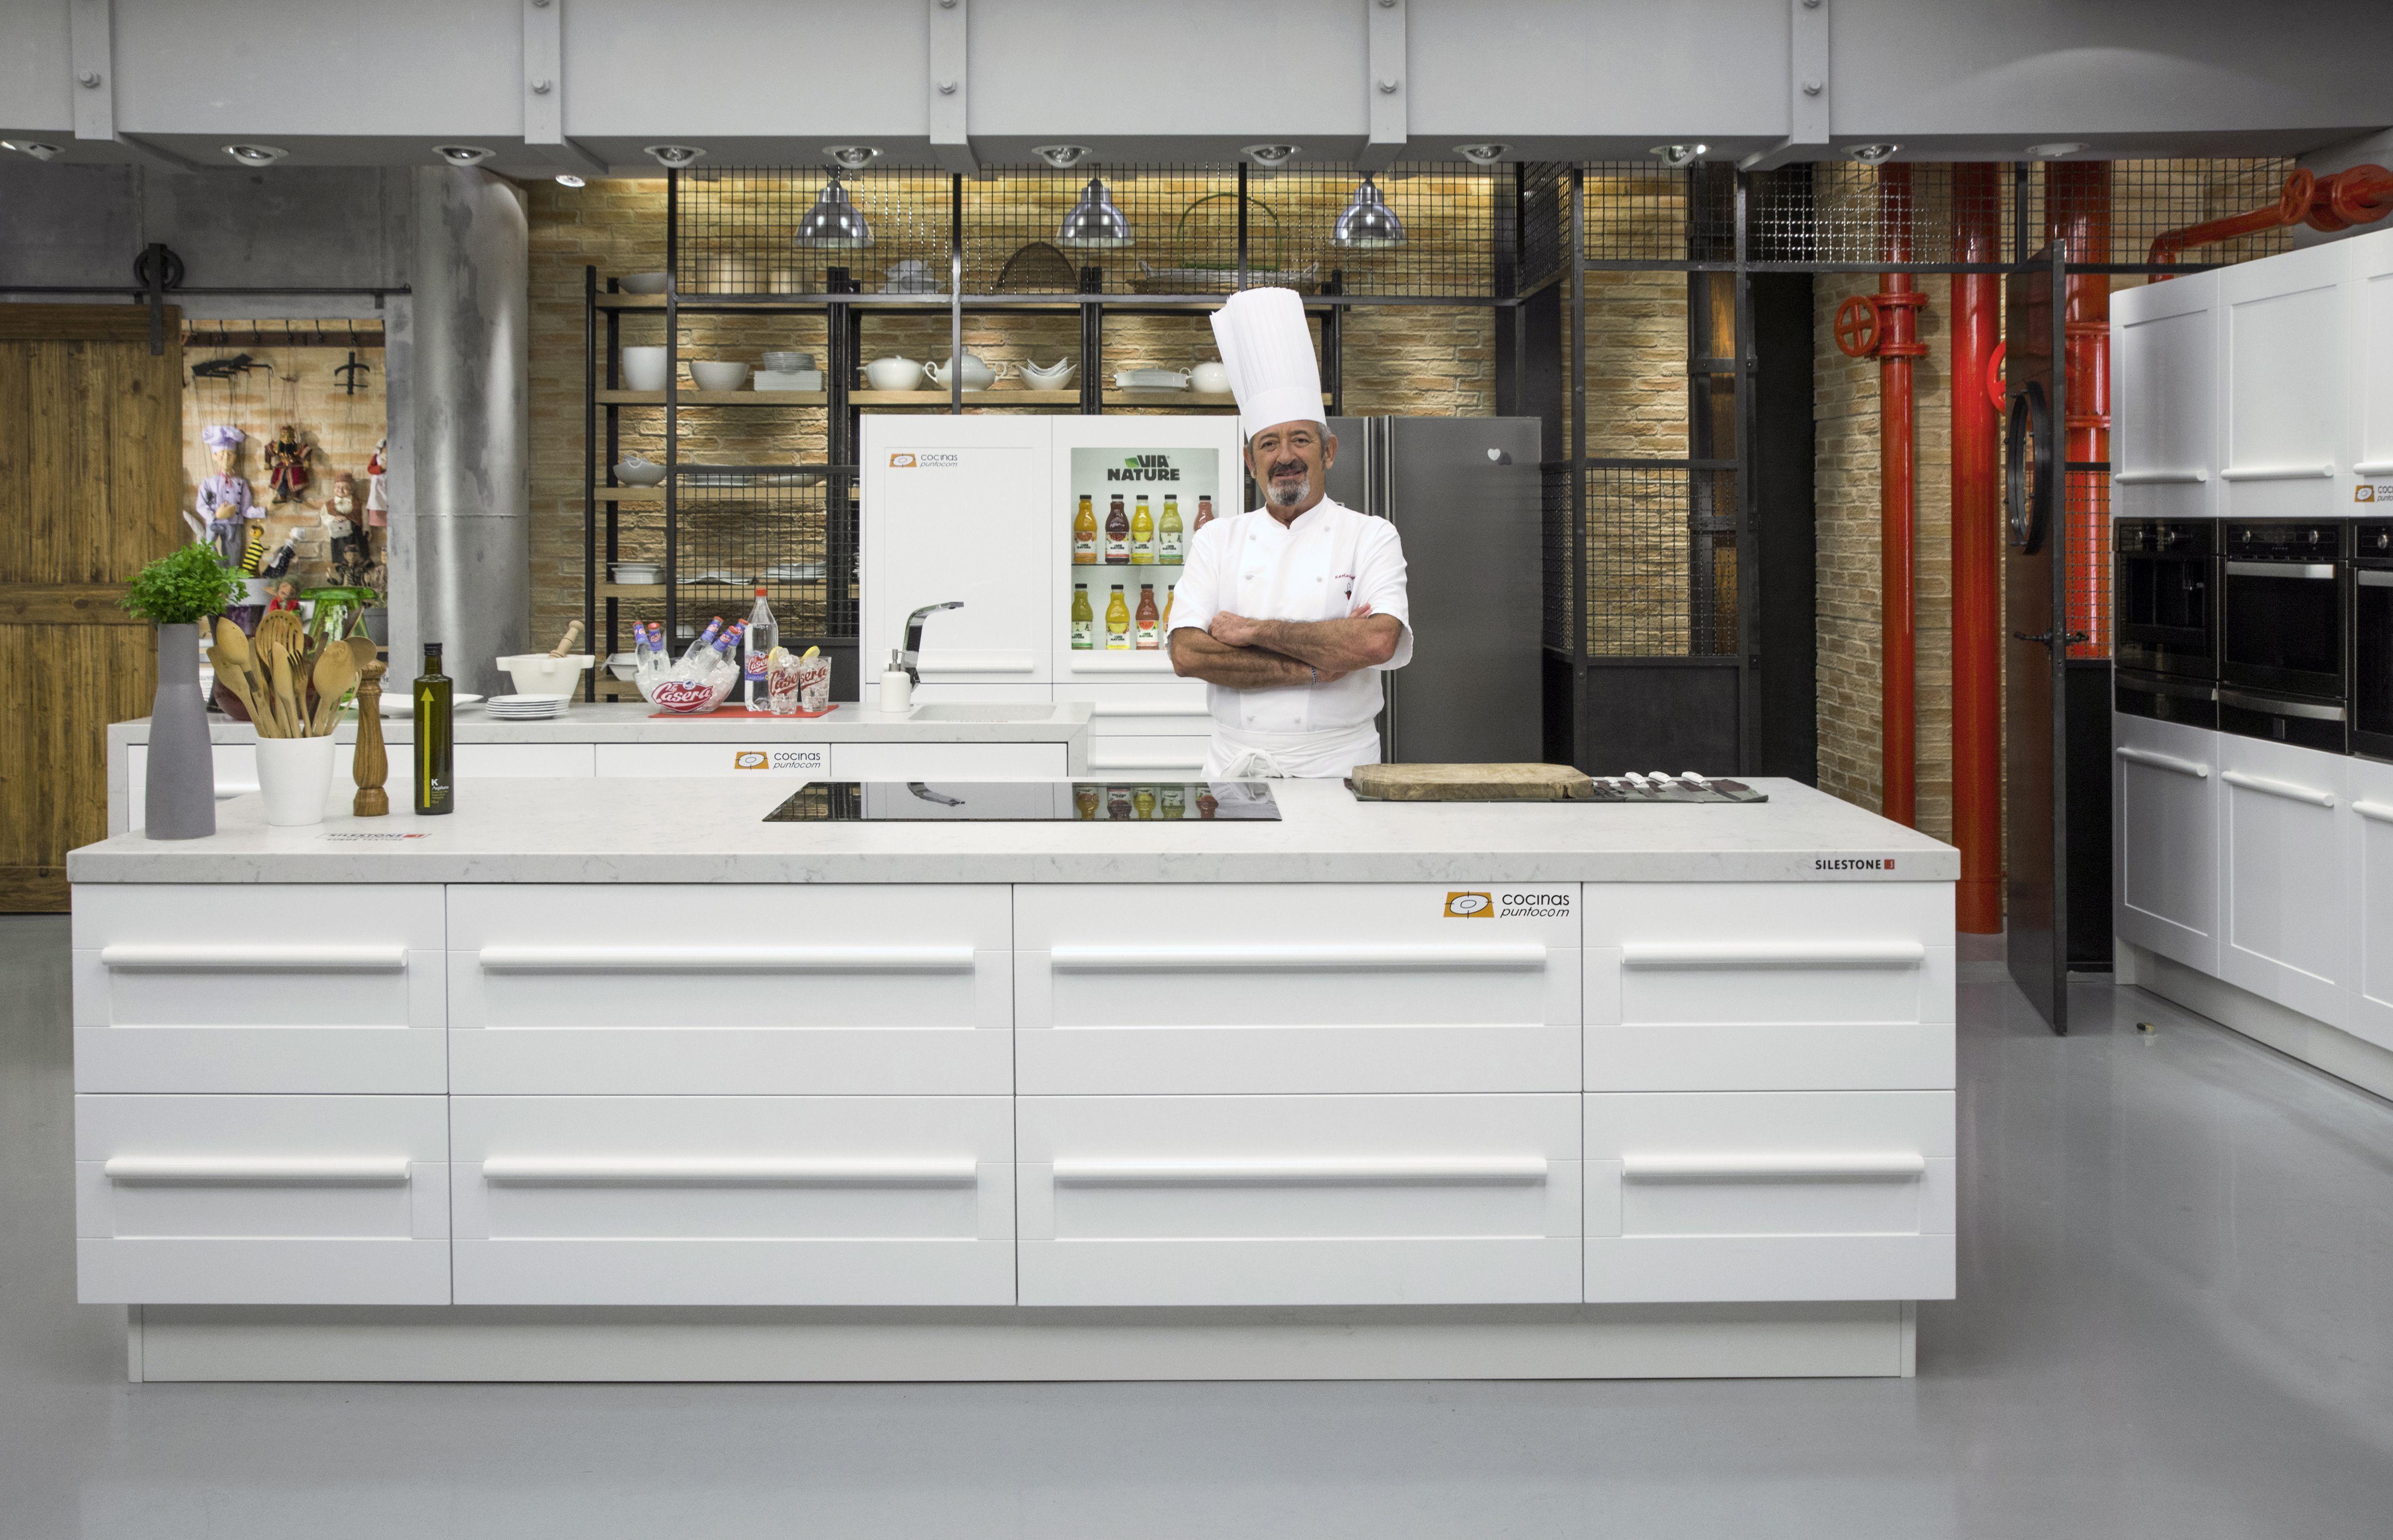 Karlos Arguiñano En Tu Cocina Hoy | Karlos Arguinano En Su Nueva Cocina La Tercera Que Cocinas Com Ha